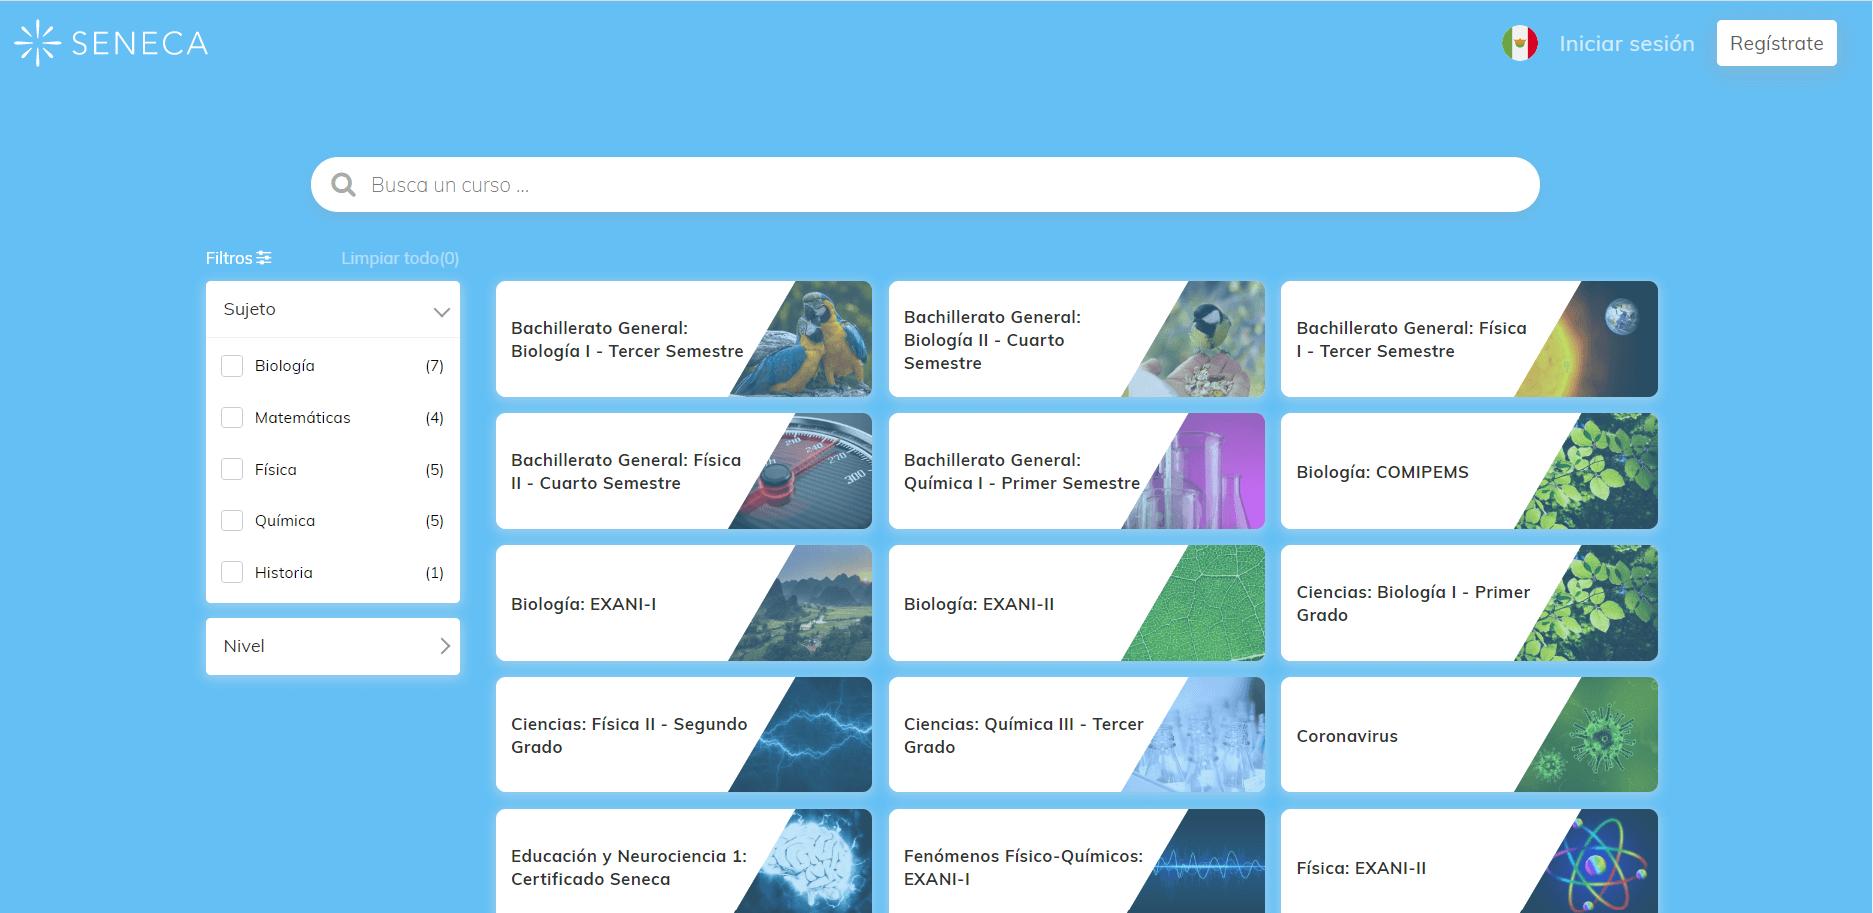 Lista de contenidos y actividades gratis ofrecidas gratuitamente por la plataforma online Seneca, para Secundaria, Preparatoria, COMIPEMS y EXANI. Sigue los planes de estudio nacionales.